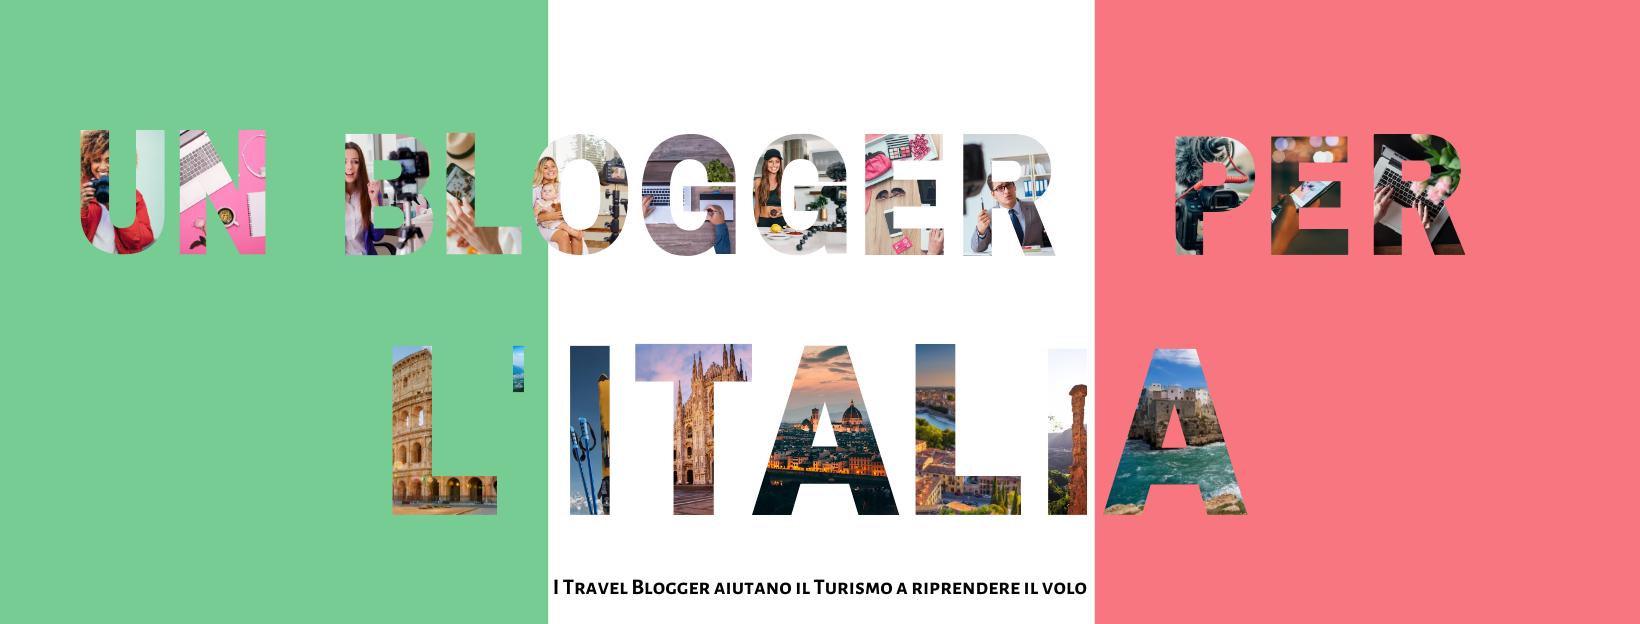 Un blogger per l'Italia - Le Plume